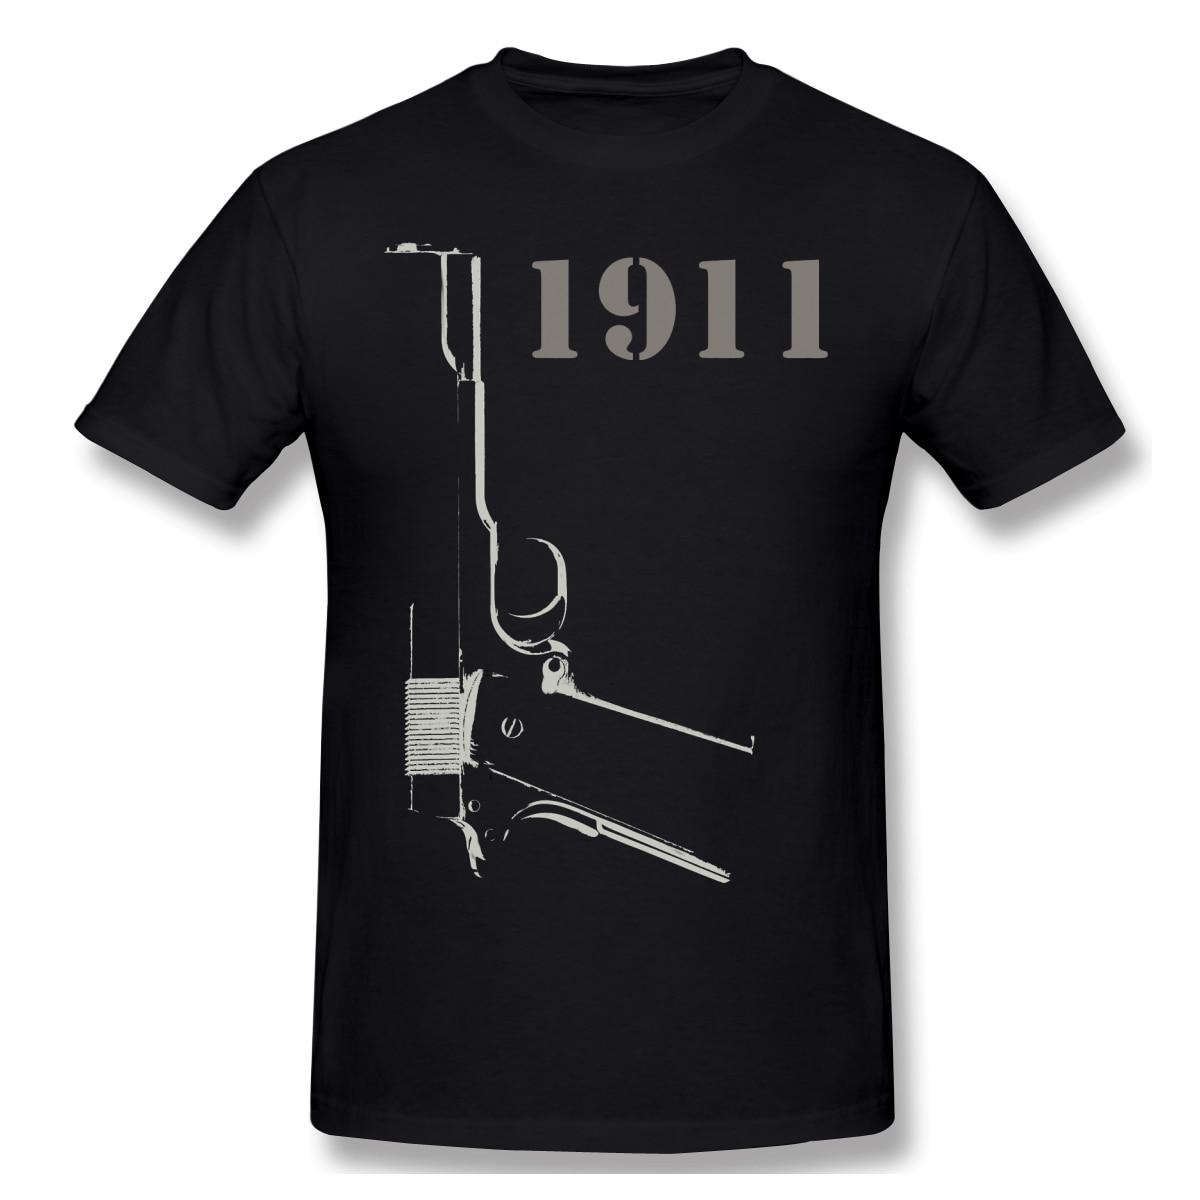 Battlefield T Shirt rouge T-Shirt modèle 1911 hommes mode manches courtes